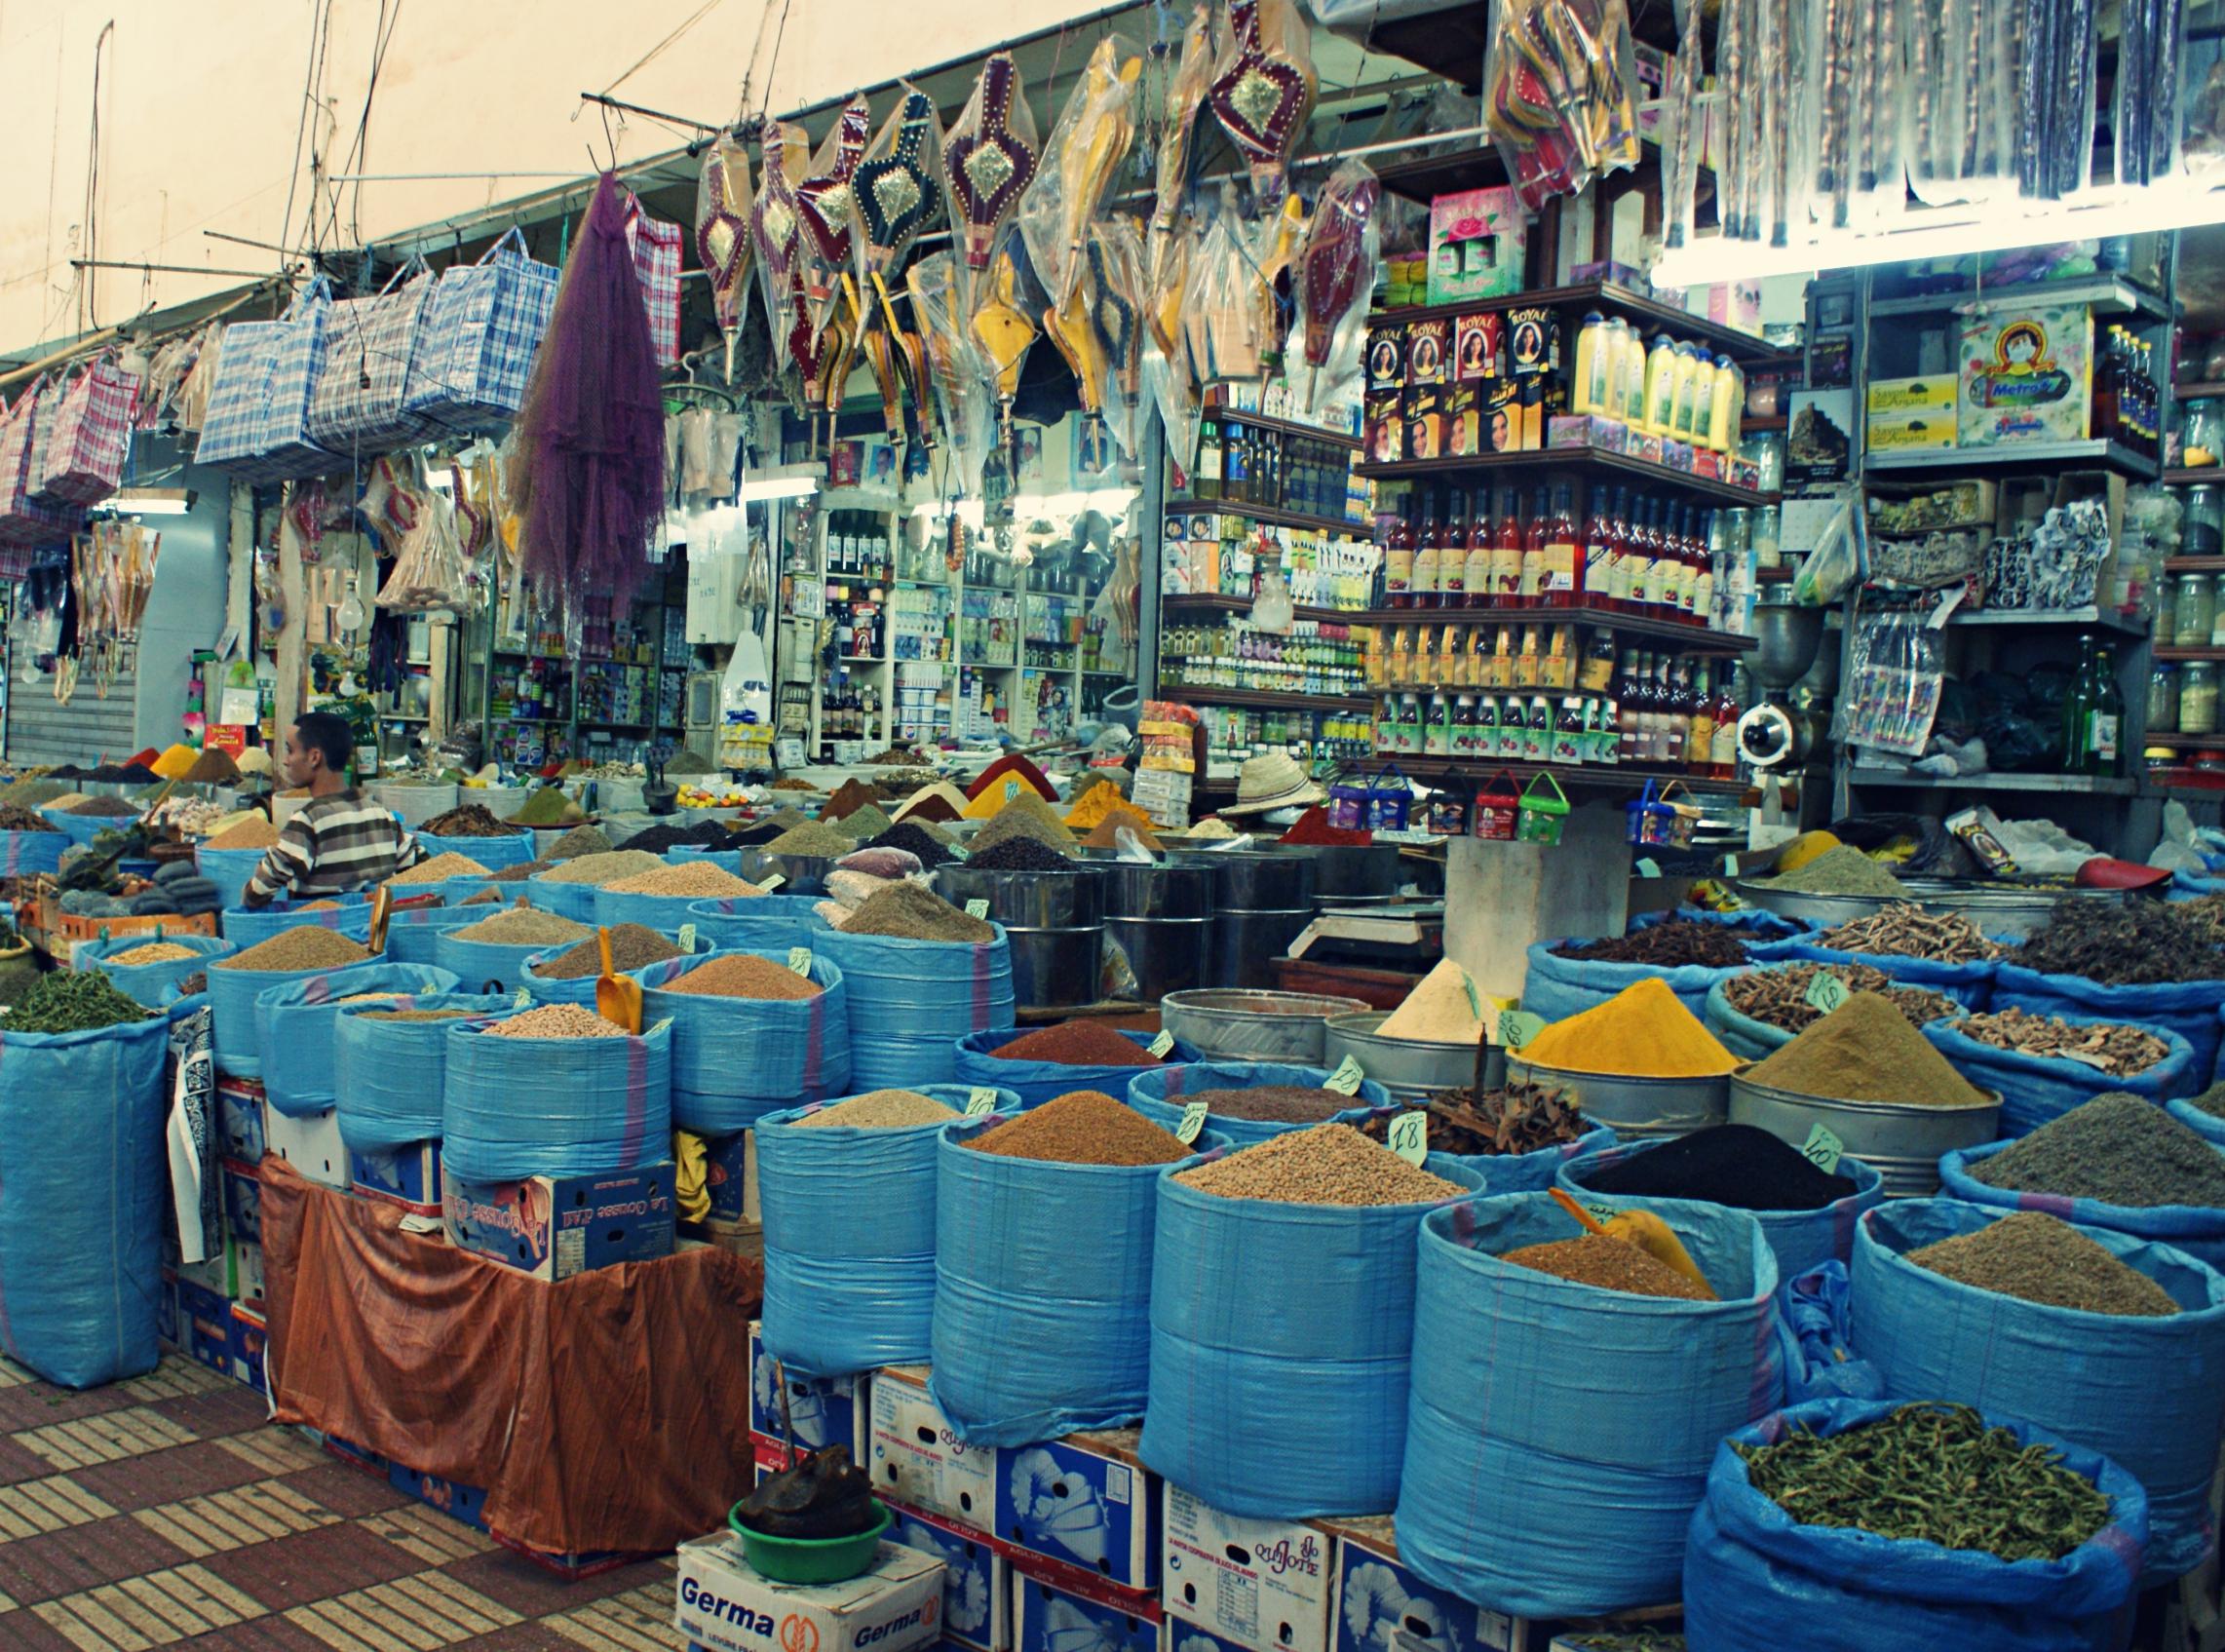 spices.morocco.altertonative.JPG